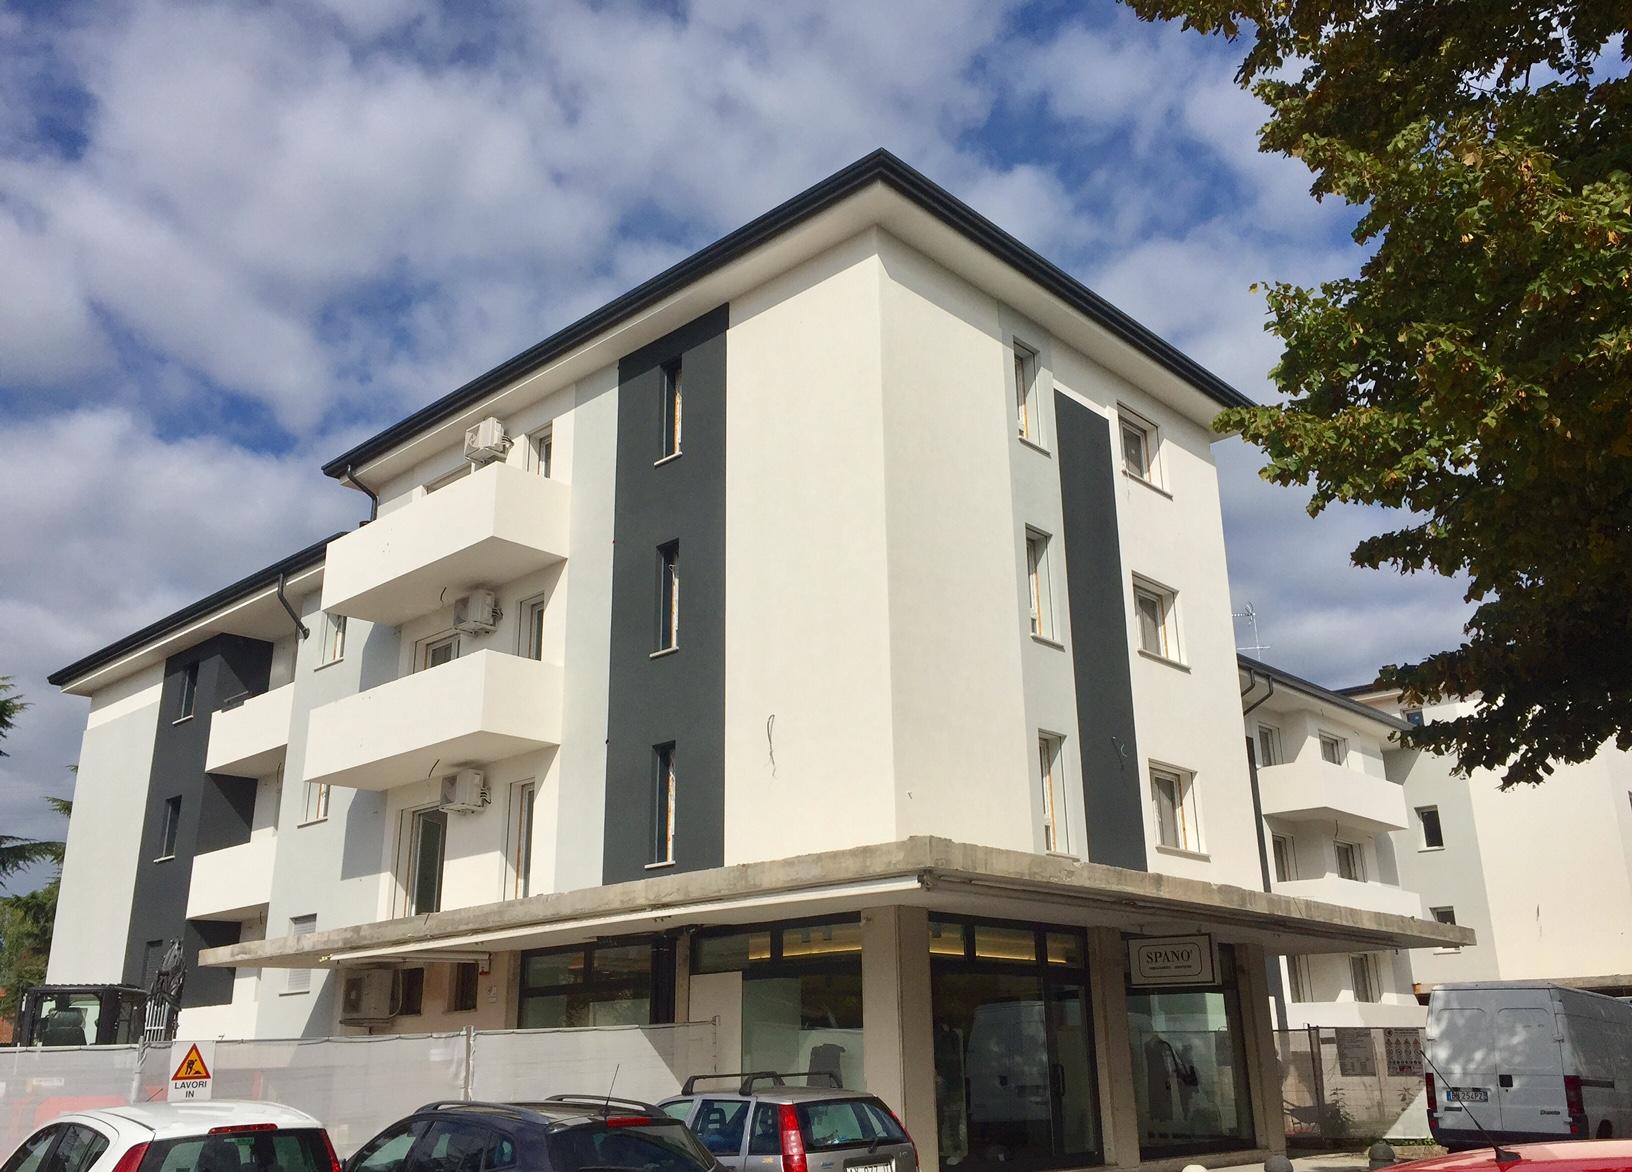 Appartamento in affitto a Carbonera, 5 locali, zona Località: Centro, prezzo € 550 | CambioCasa.it